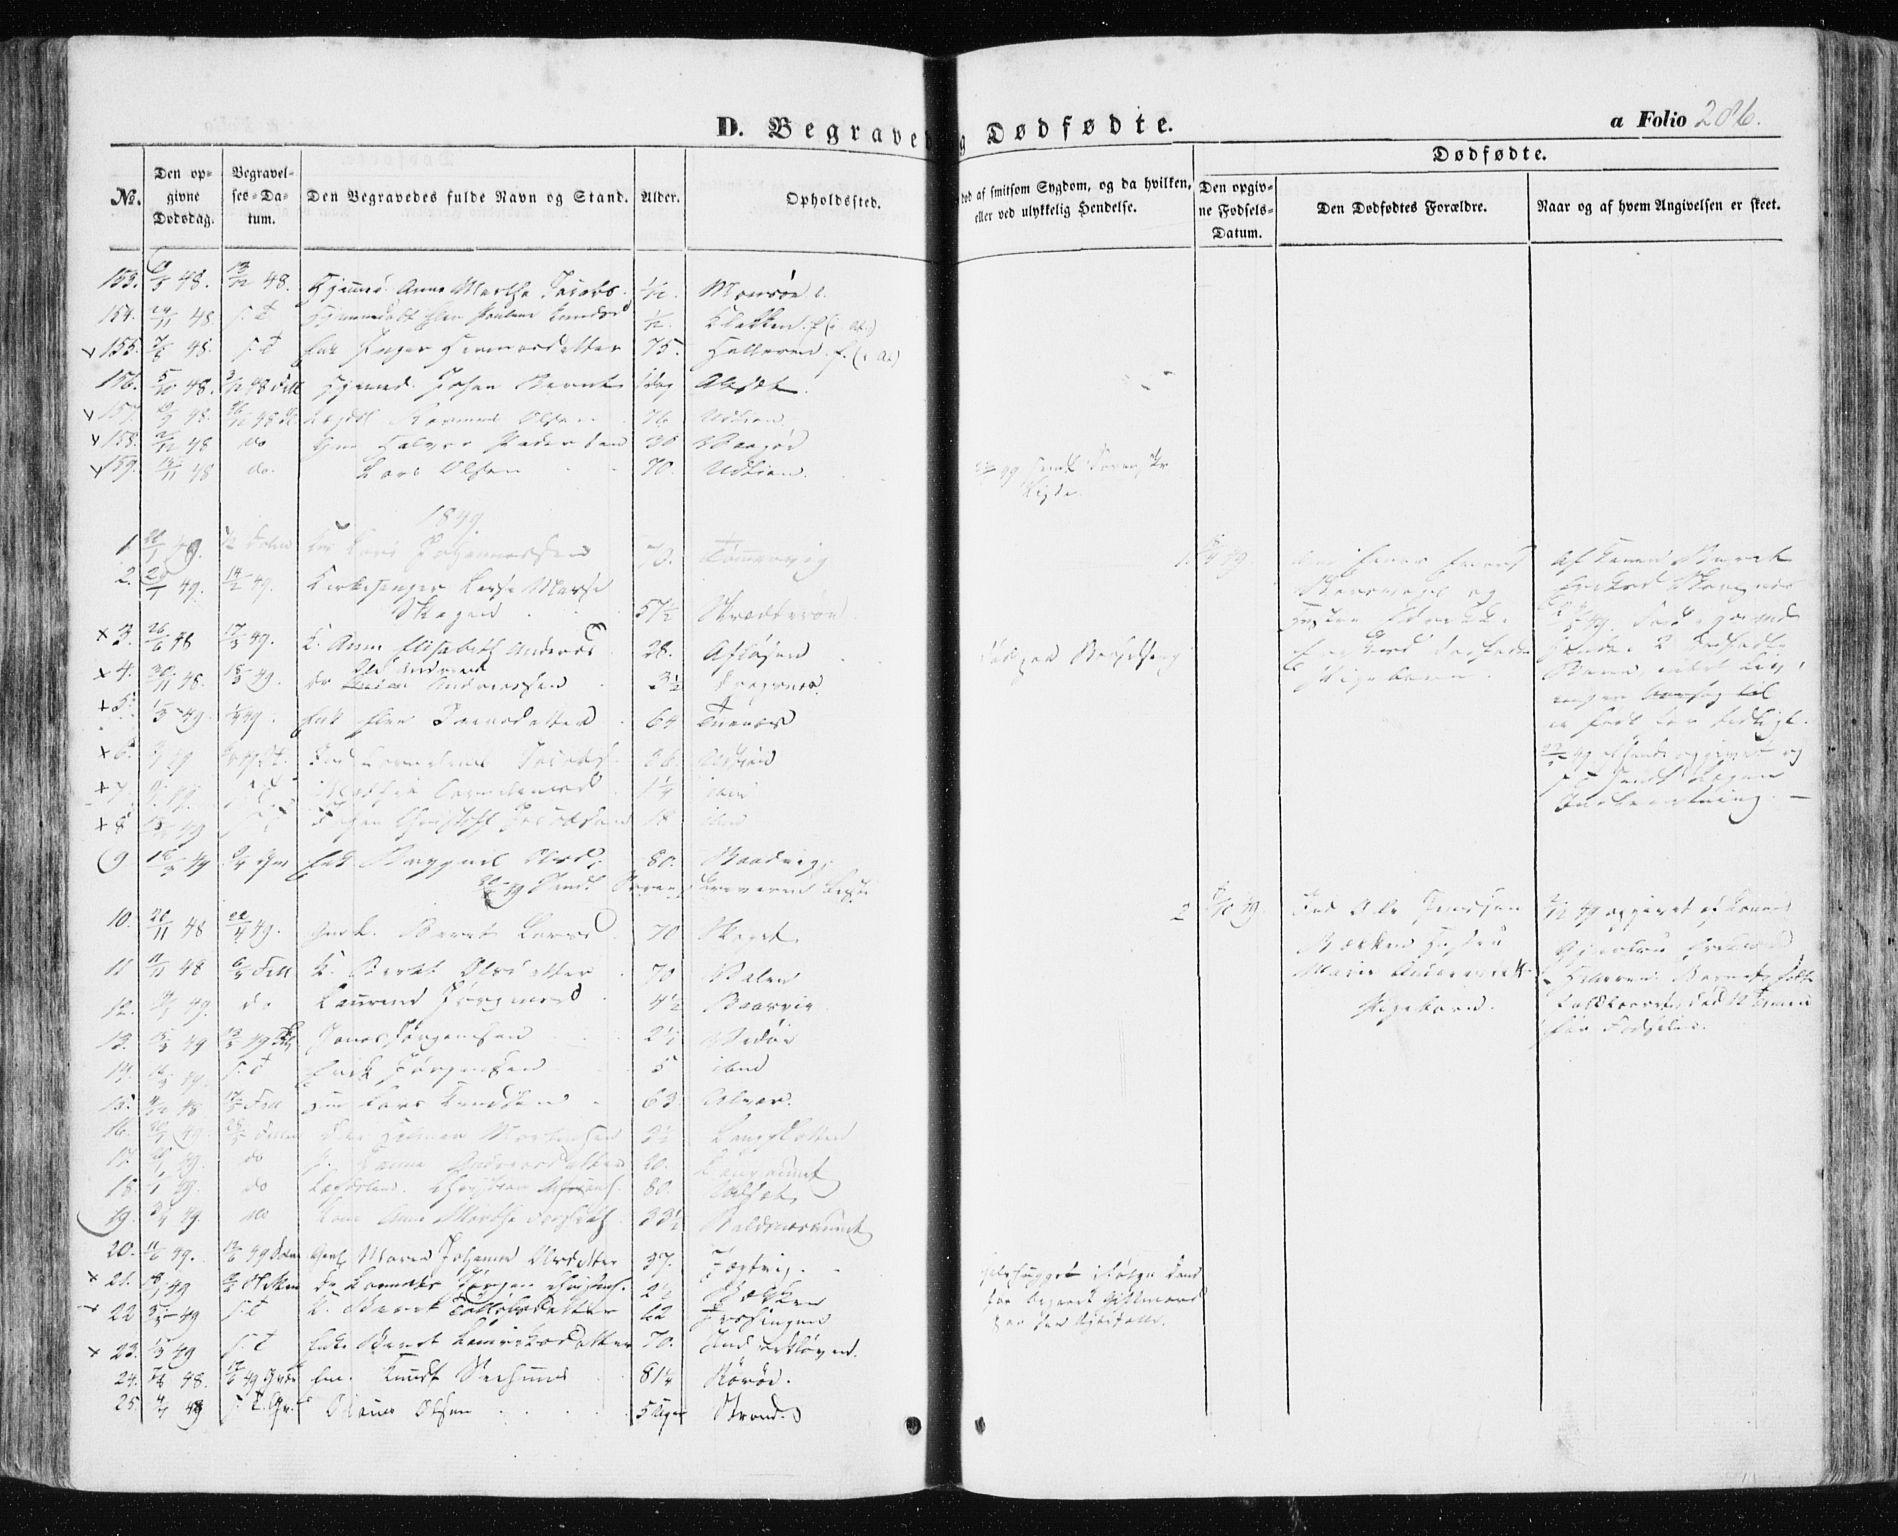 SAT, Ministerialprotokoller, klokkerbøker og fødselsregistre - Sør-Trøndelag, 634/L0529: Ministerialbok nr. 634A05, 1843-1851, s. 286